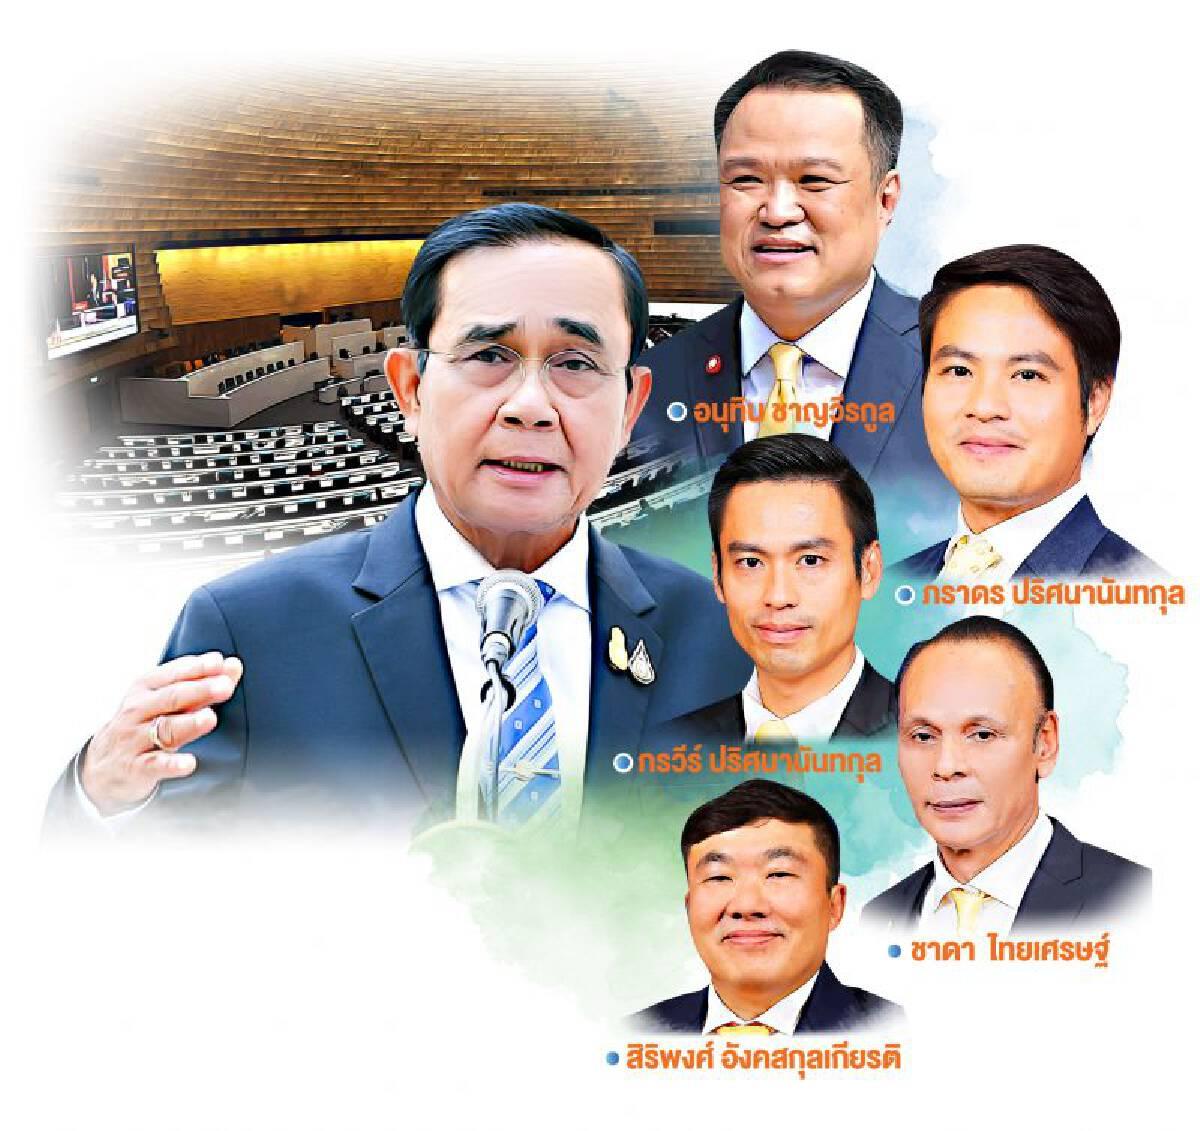 รัฐบาลร้าวหนัก ภูมิใจไทย ขี่คอ'นายกฯ'